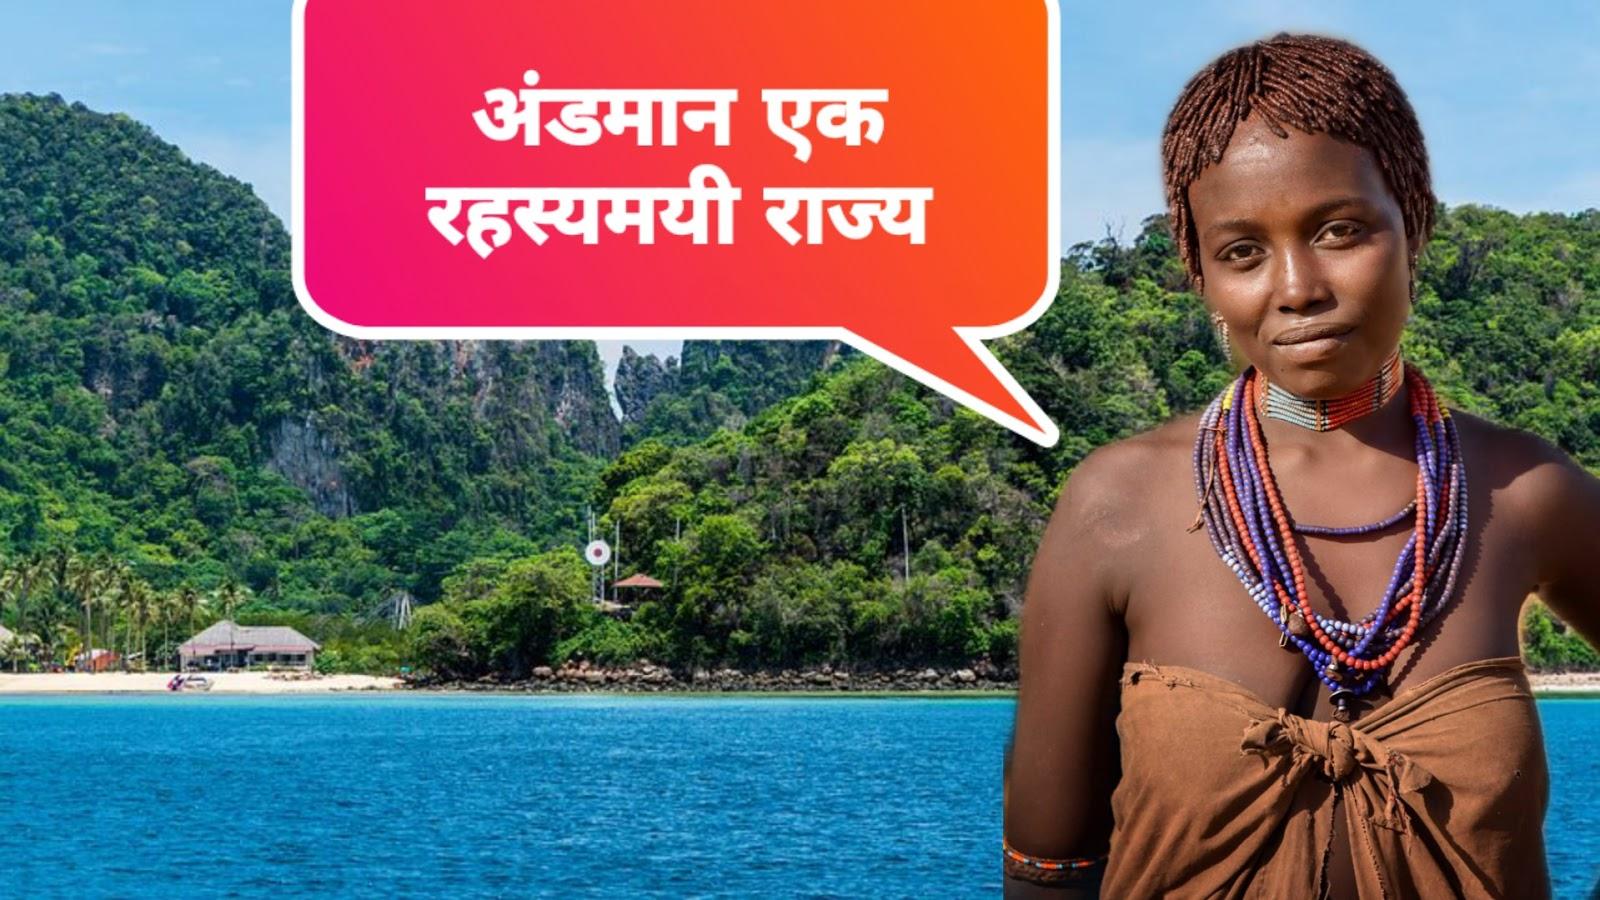 अंडमान-निकोबार: एकरहस्यमईऔर अनोखा राज्य - Amazing and Interesting facts about Andaman-Nicobar in Hindi